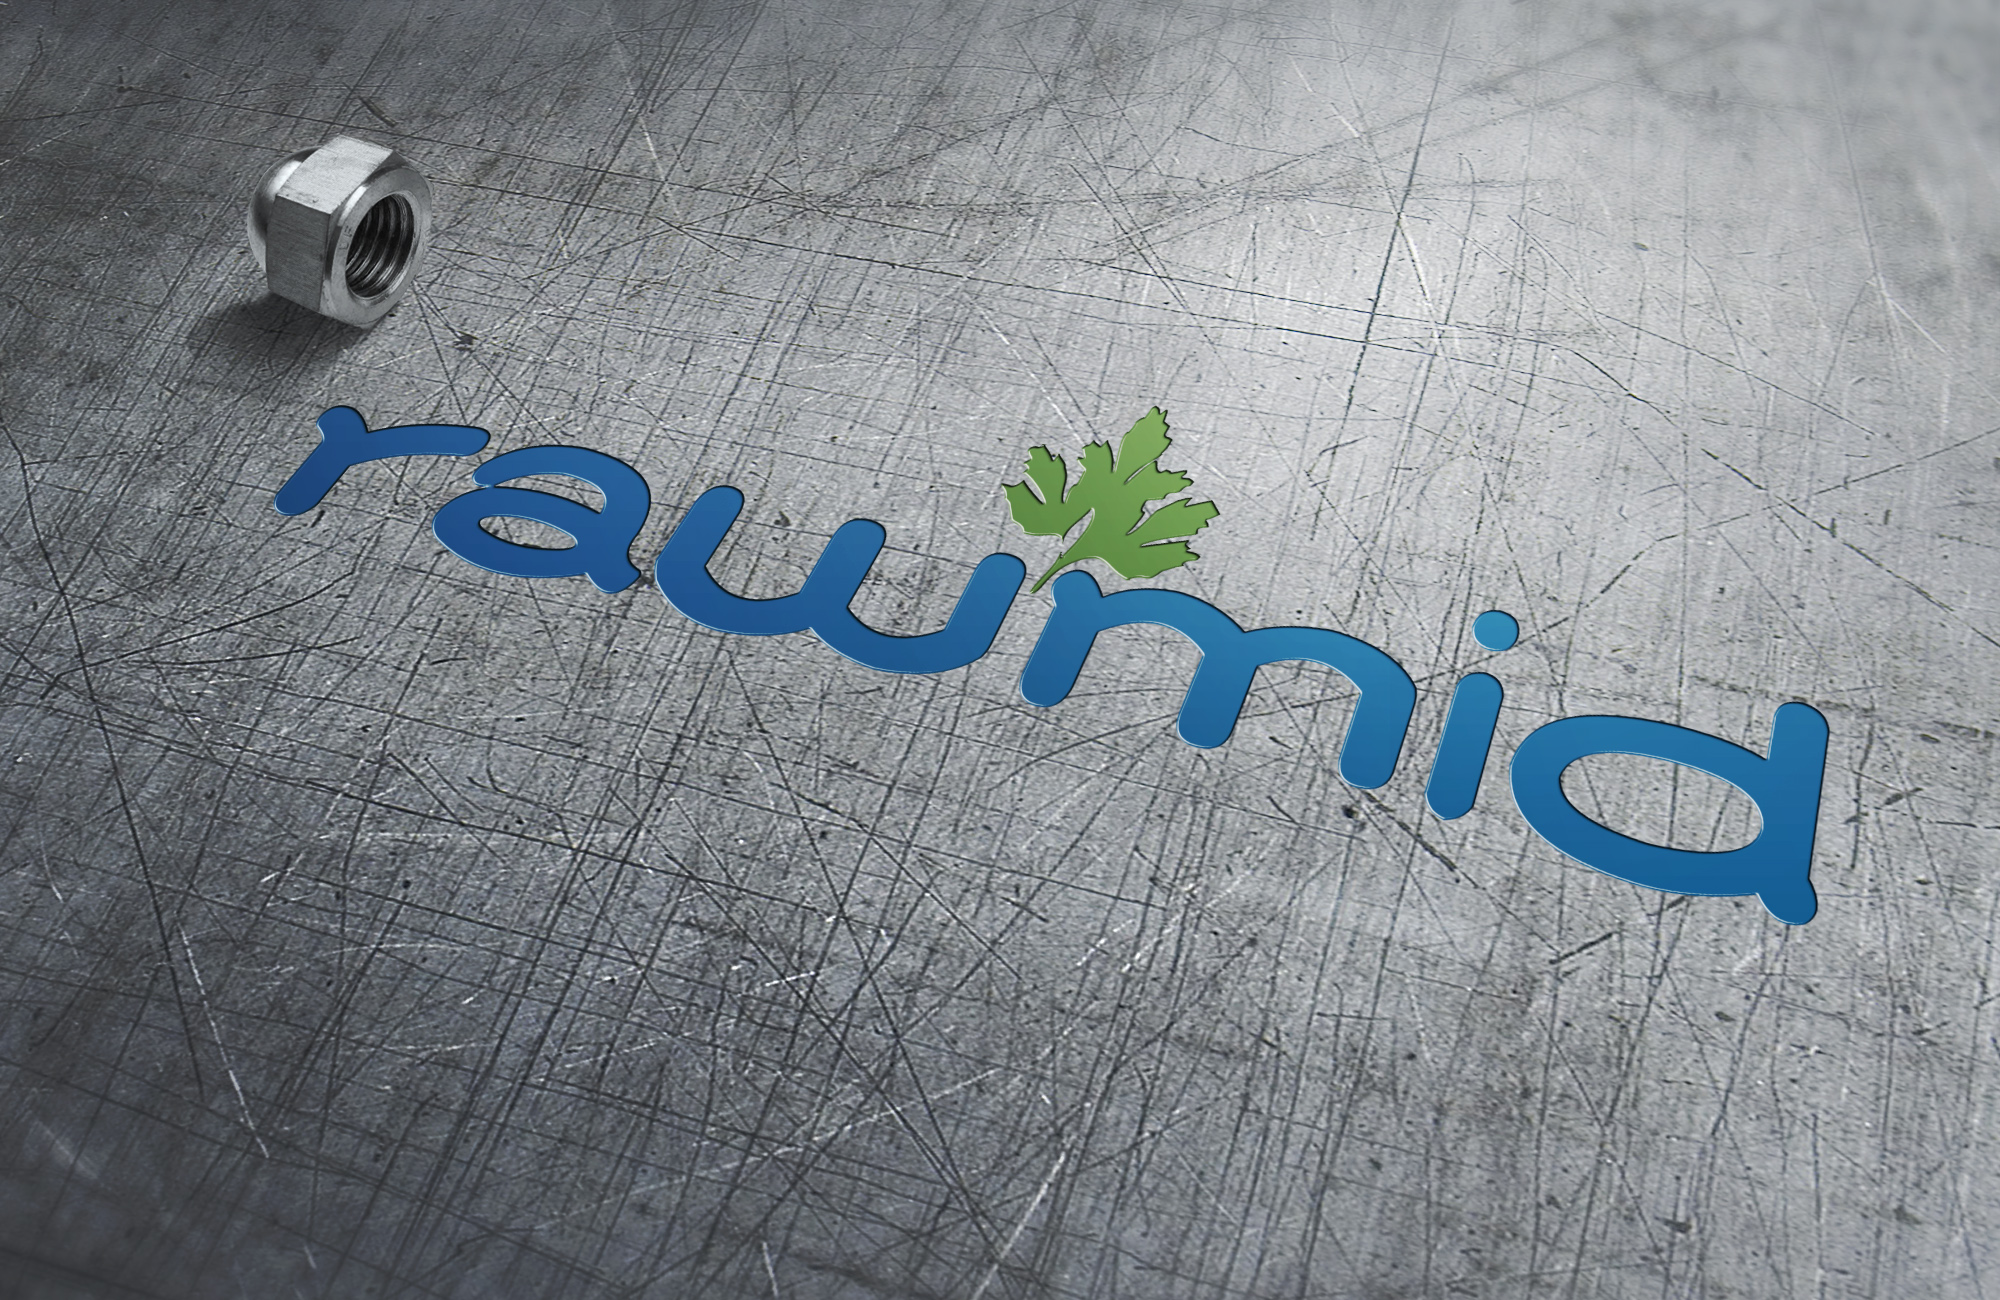 Создать логотип (буквенная часть) для бренда бытовой техники фото f_5065b3621fb7a4b7.jpg